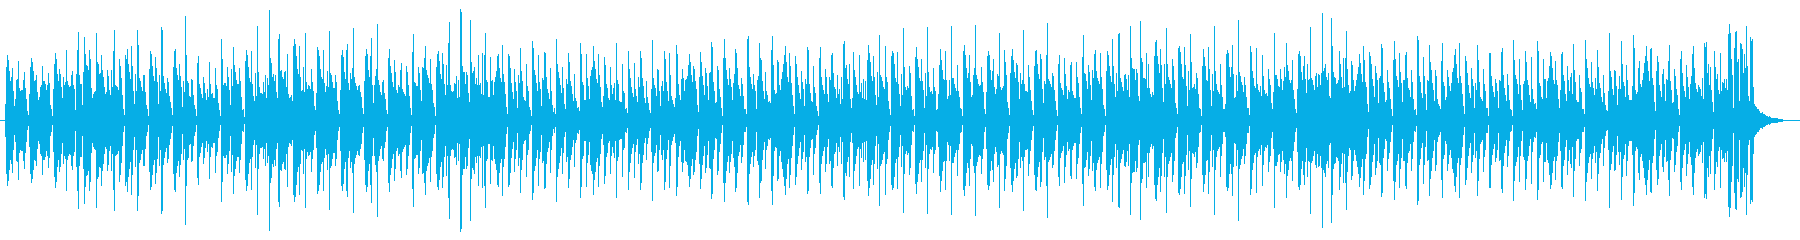 ほのぼのした日常感のBGMの再生済みの波形